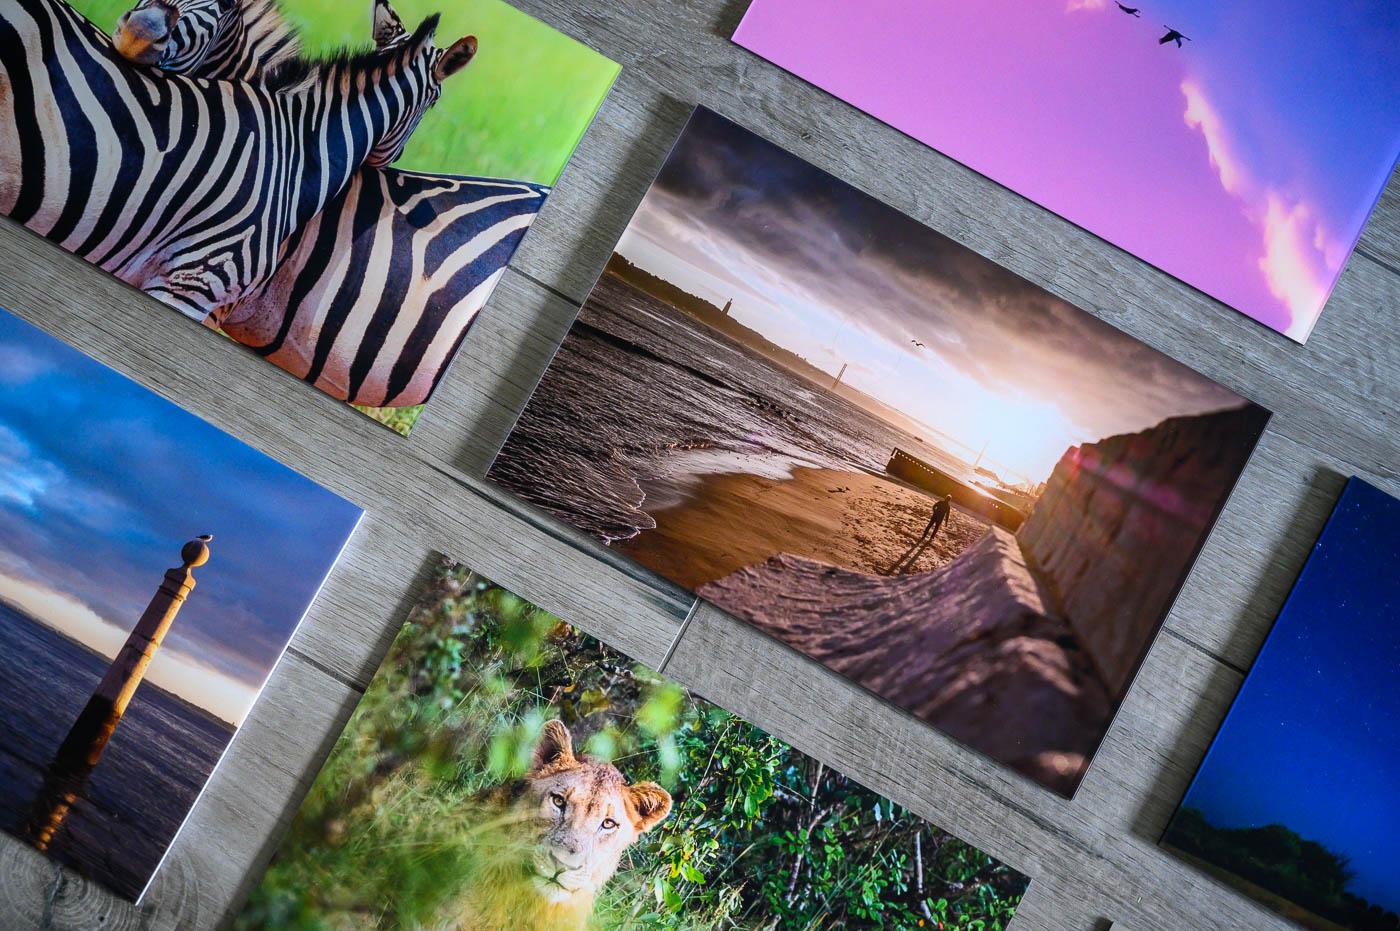 Tirage photo chez Labophotos : quels supports rigides choisir pour mettre en valeur ses photos ?